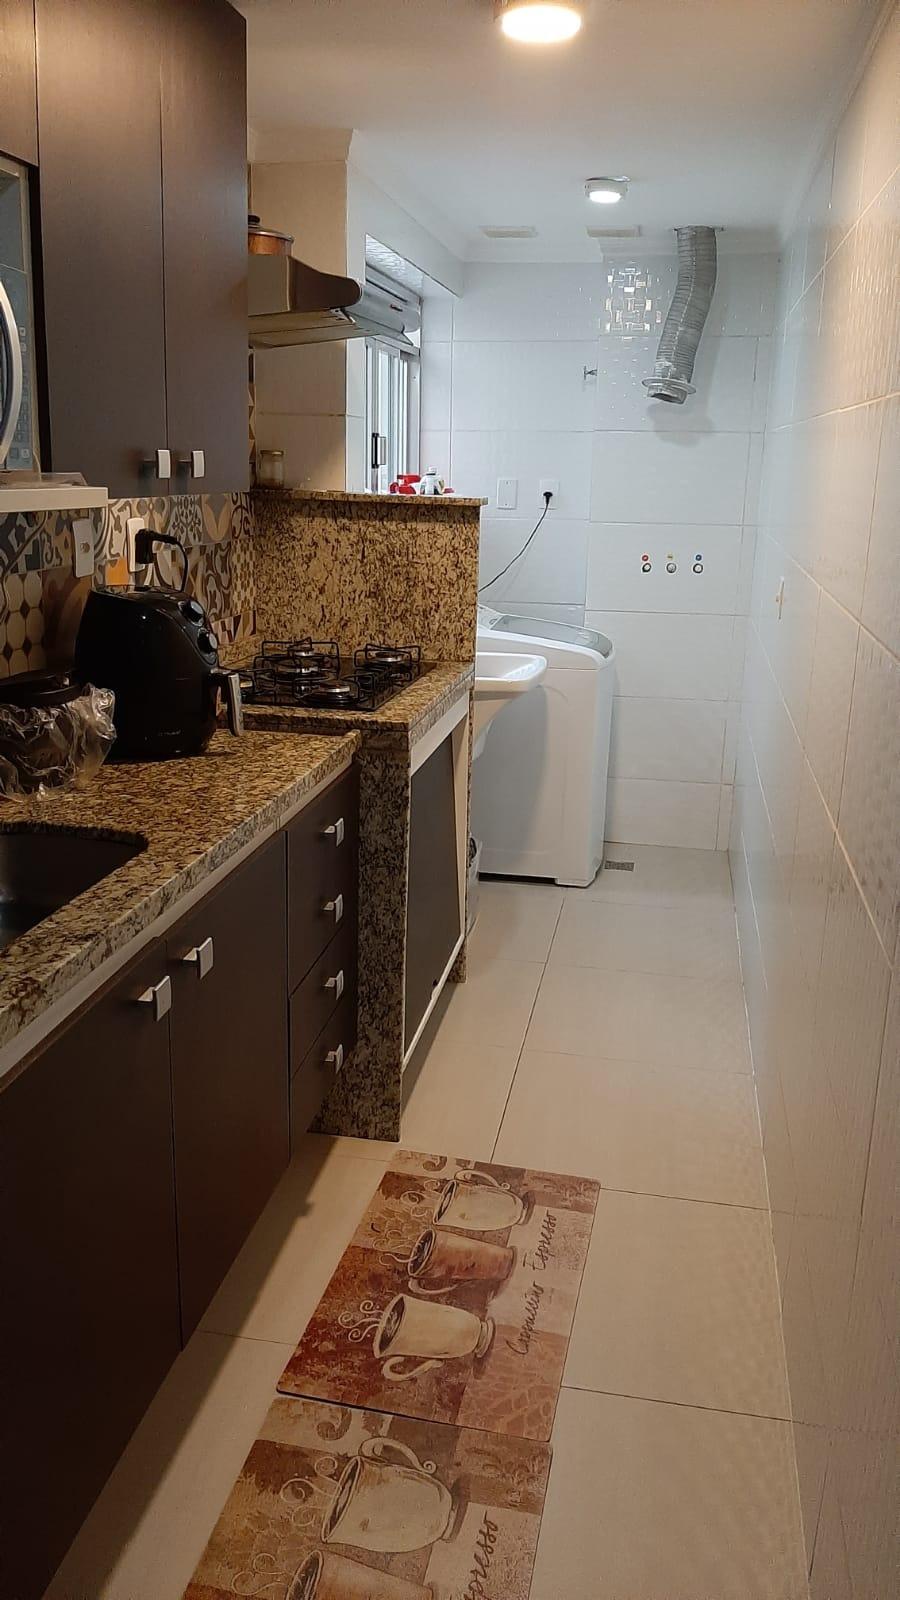 FOTO 02 - Cobertura 3 quartos à venda Rio de Janeiro,RJ - R$ 600.000 - CO00025 - 3